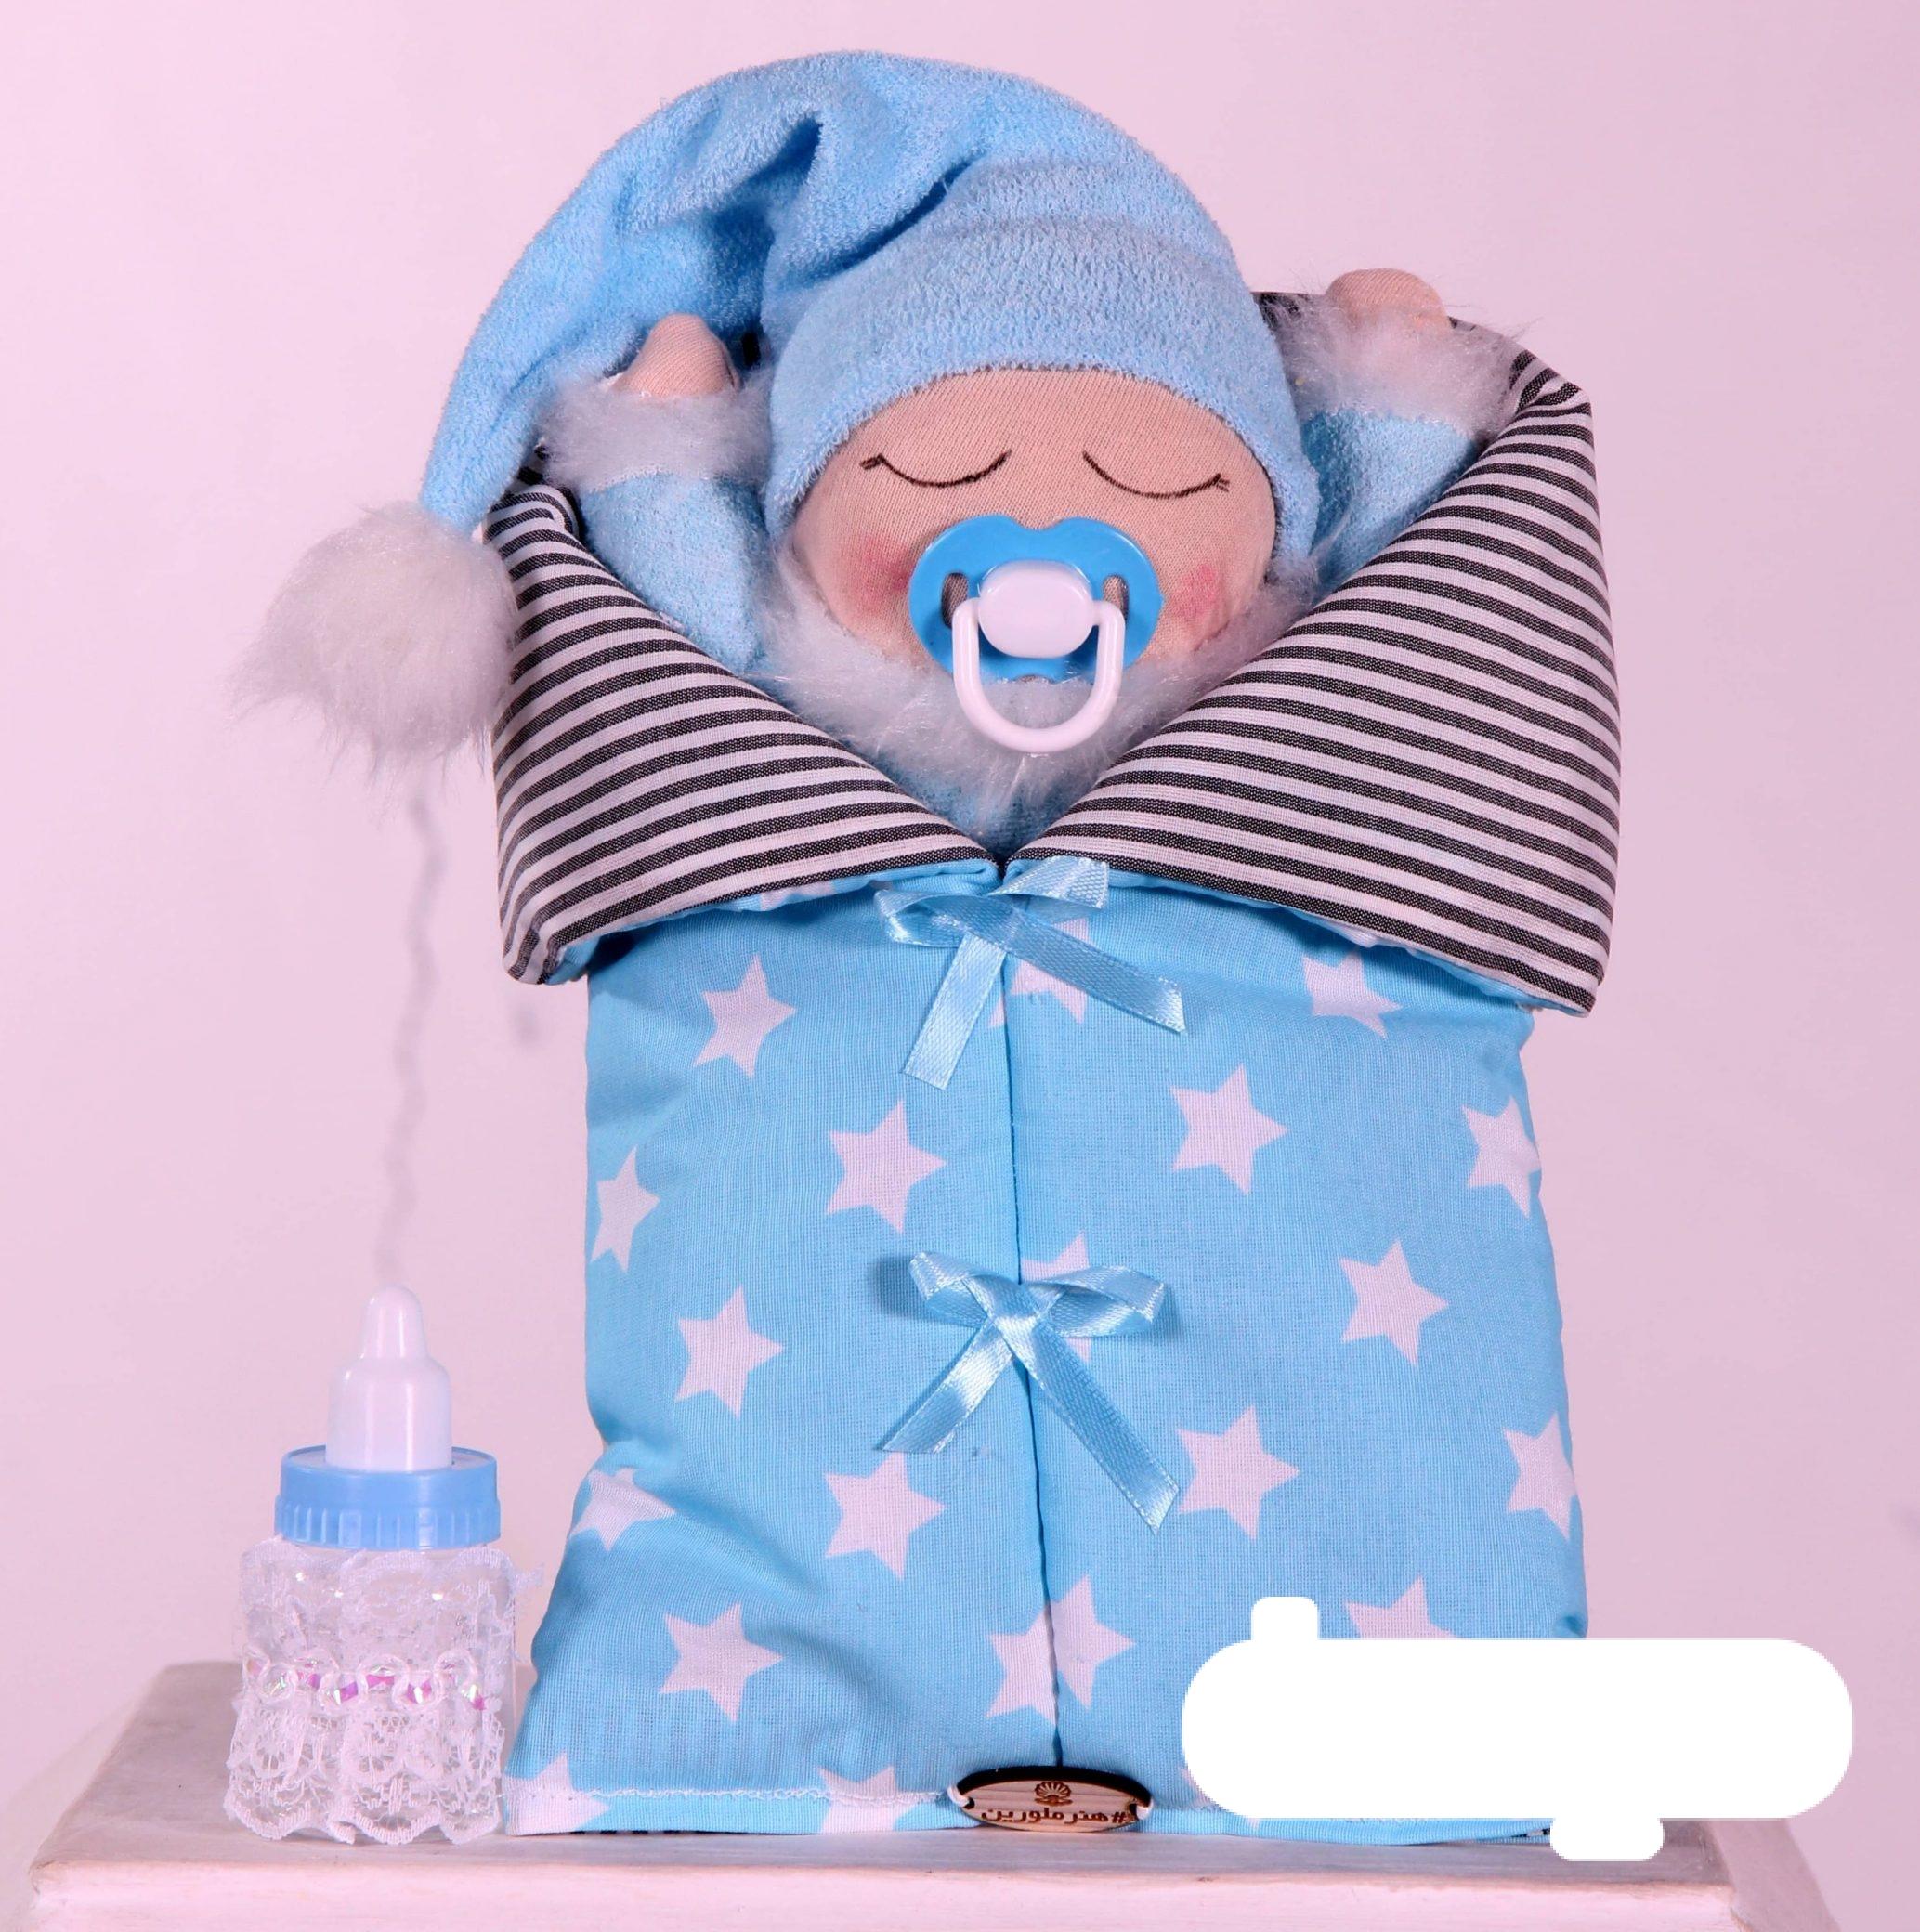 عروسک لالایی با شیشه شیر آبی